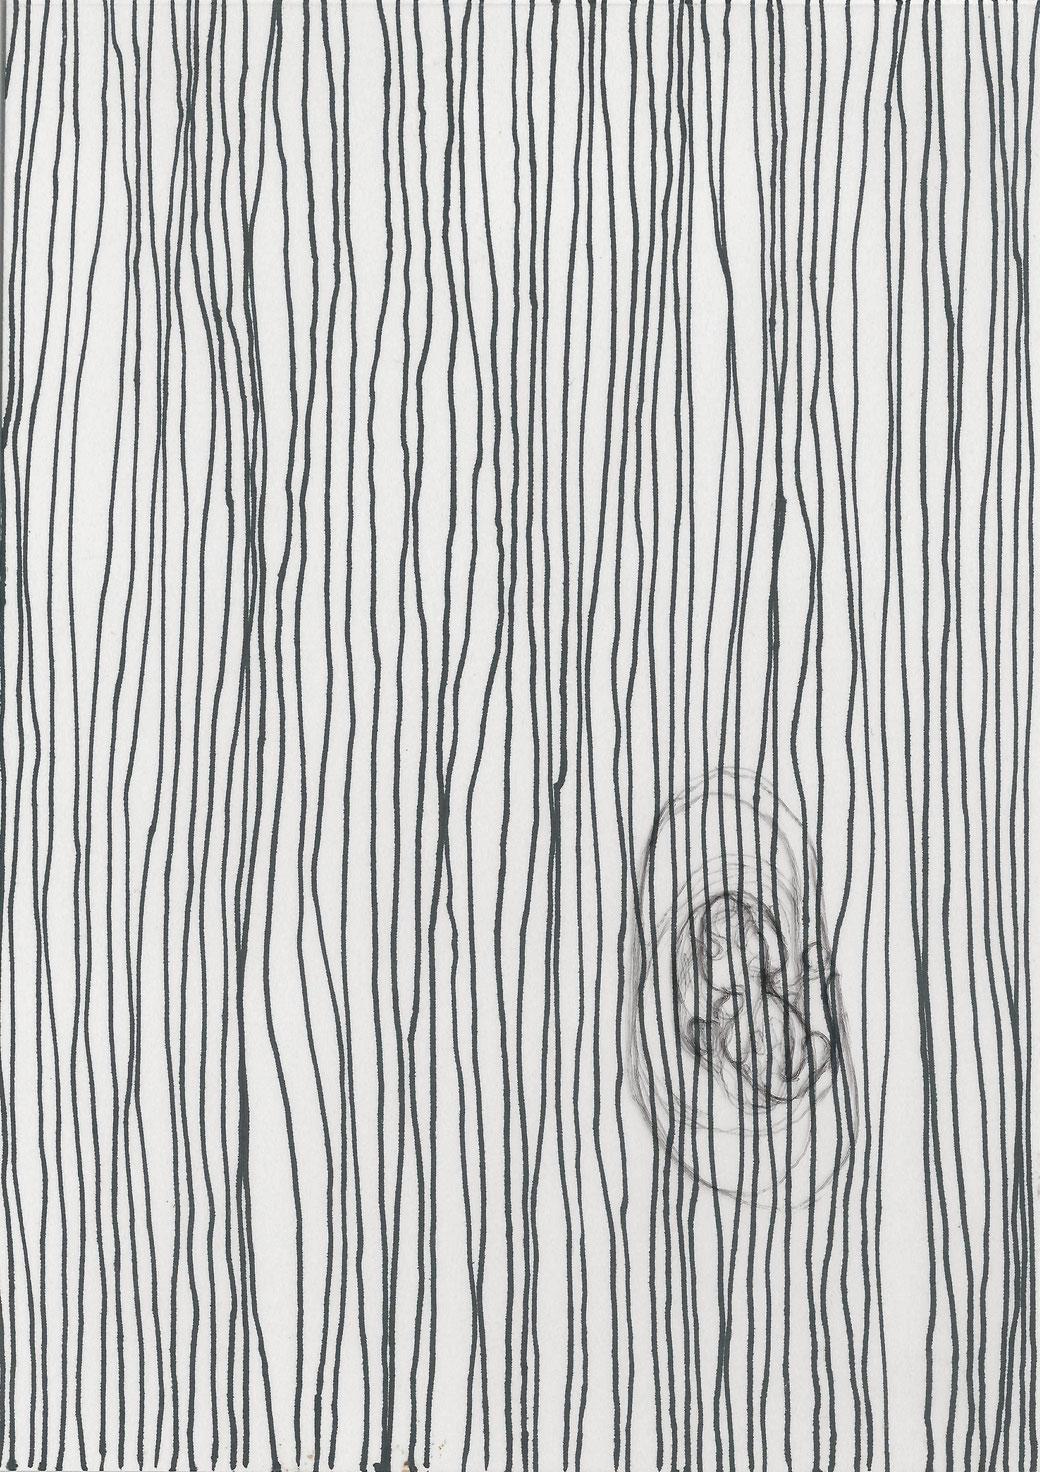 Titel: Elisa, Material: Feinleiner und Kugelschreiber auf Papier und Folie, Entstehungsjahr: 2019, von: Damaris Rohner